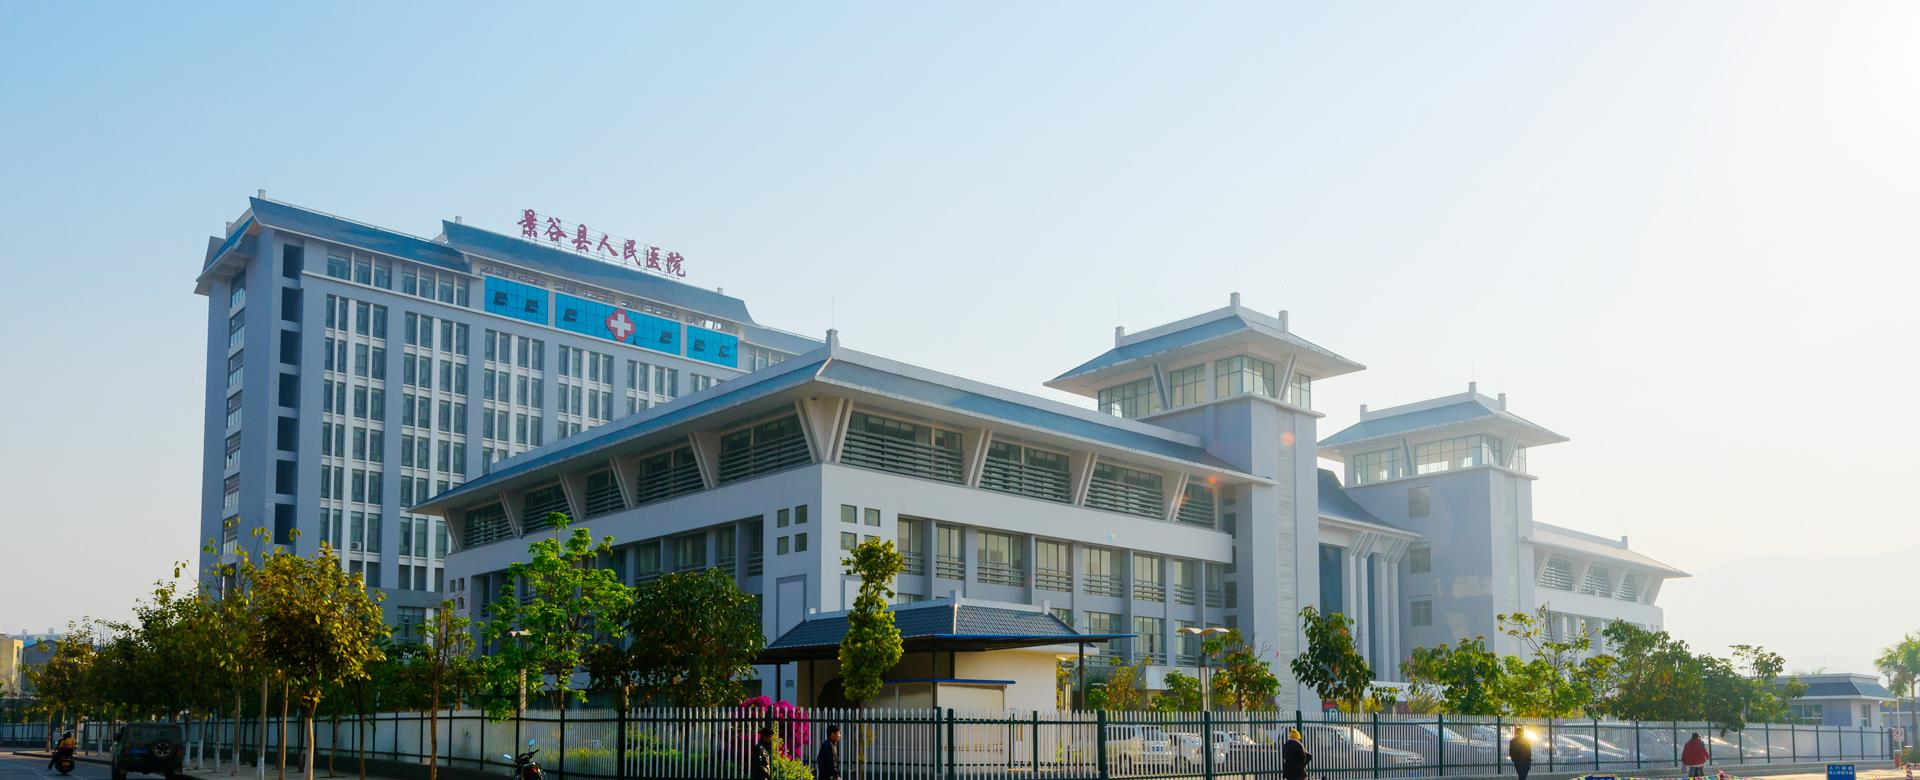 景谷傣族彝族自治县人民医院